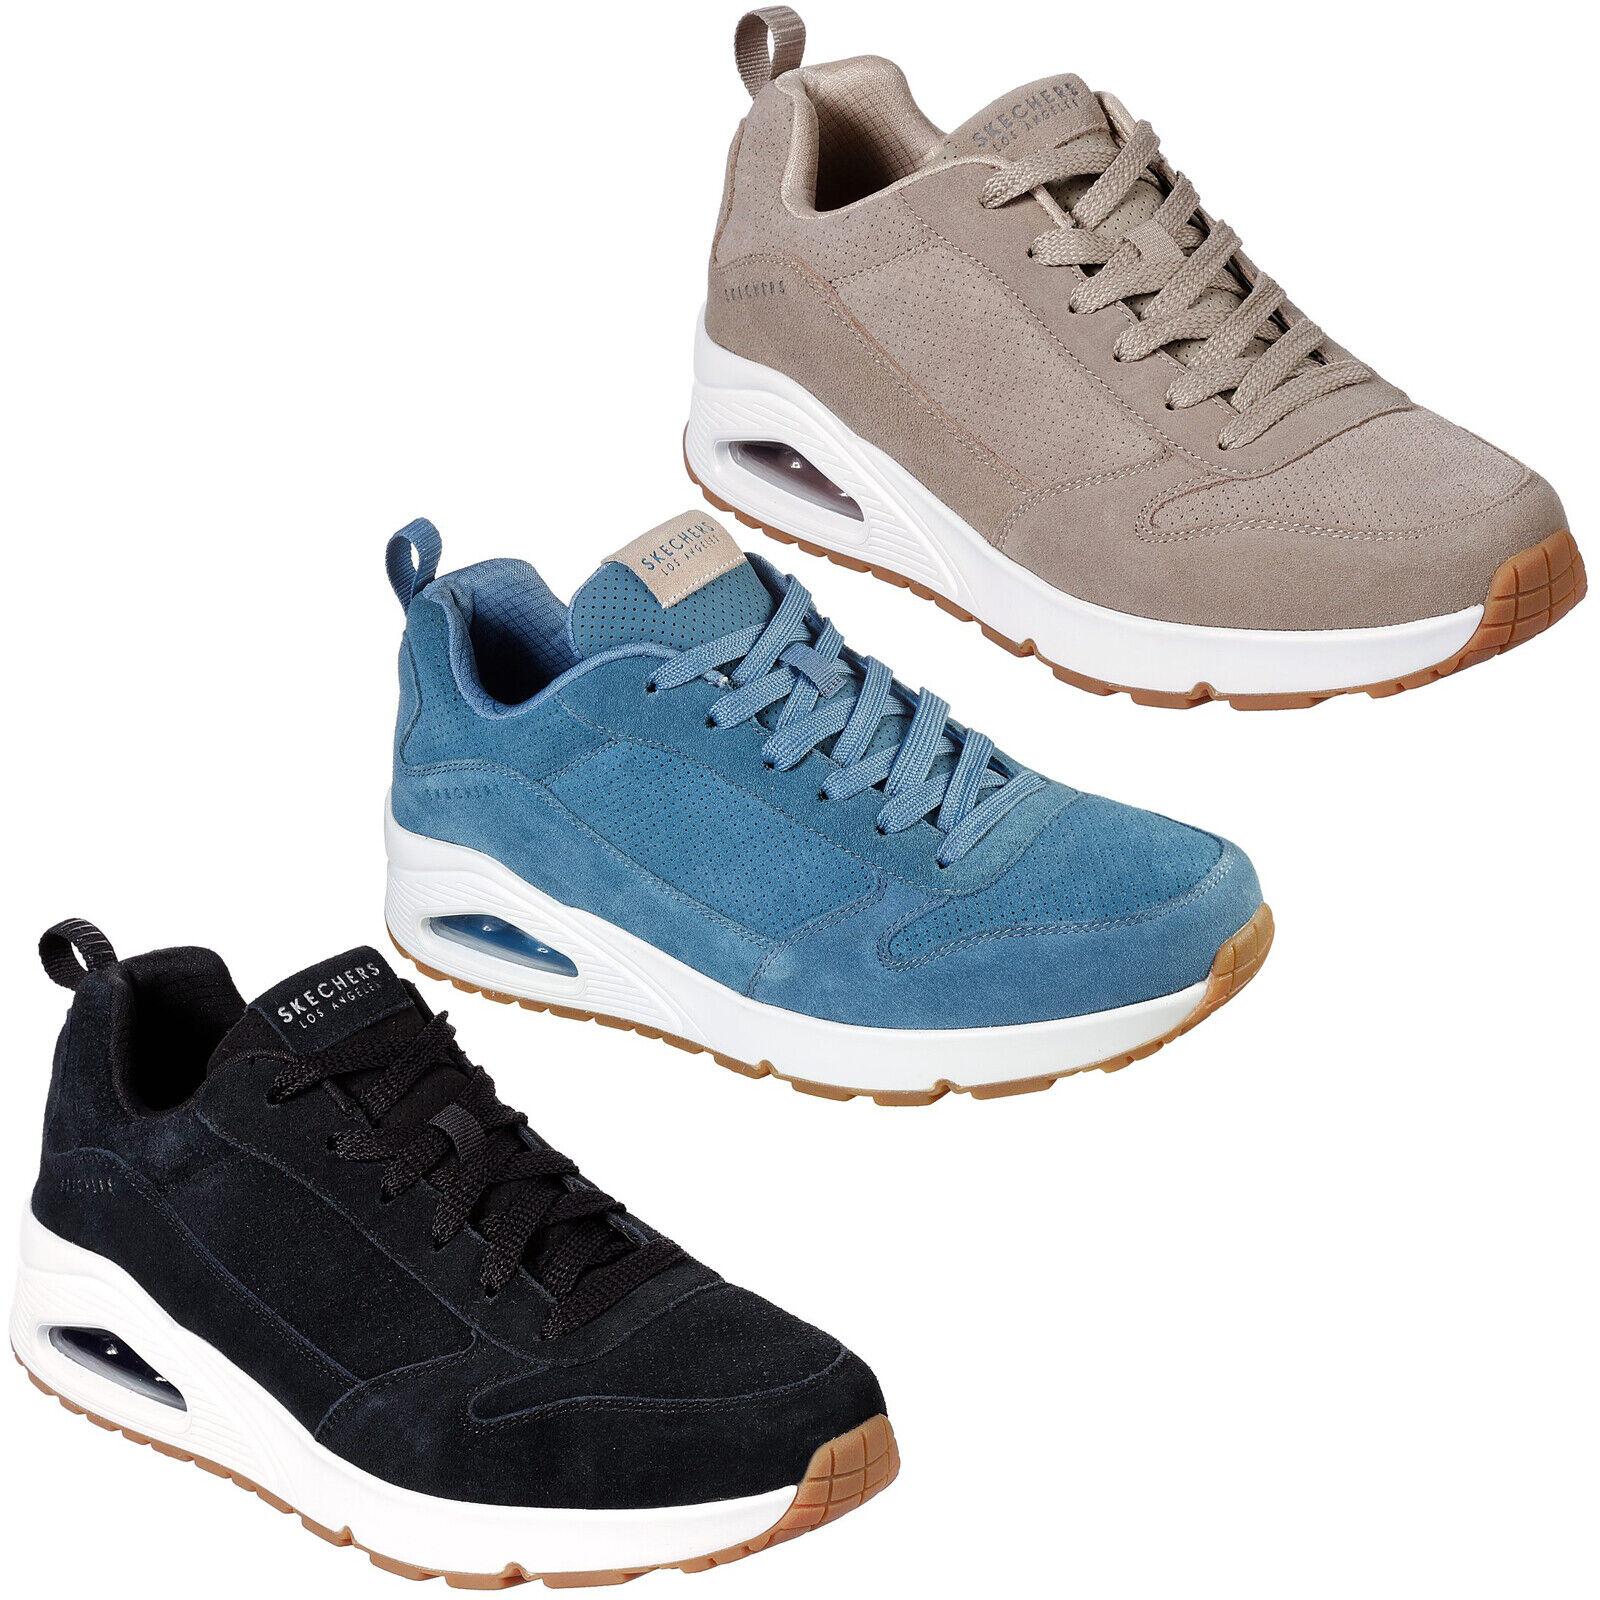 Détails sur Skechers UNO Baskets Homme En Daim Lacets en Cuir Air Max Baskets Chaussures 52456 afficher le titre d'origine